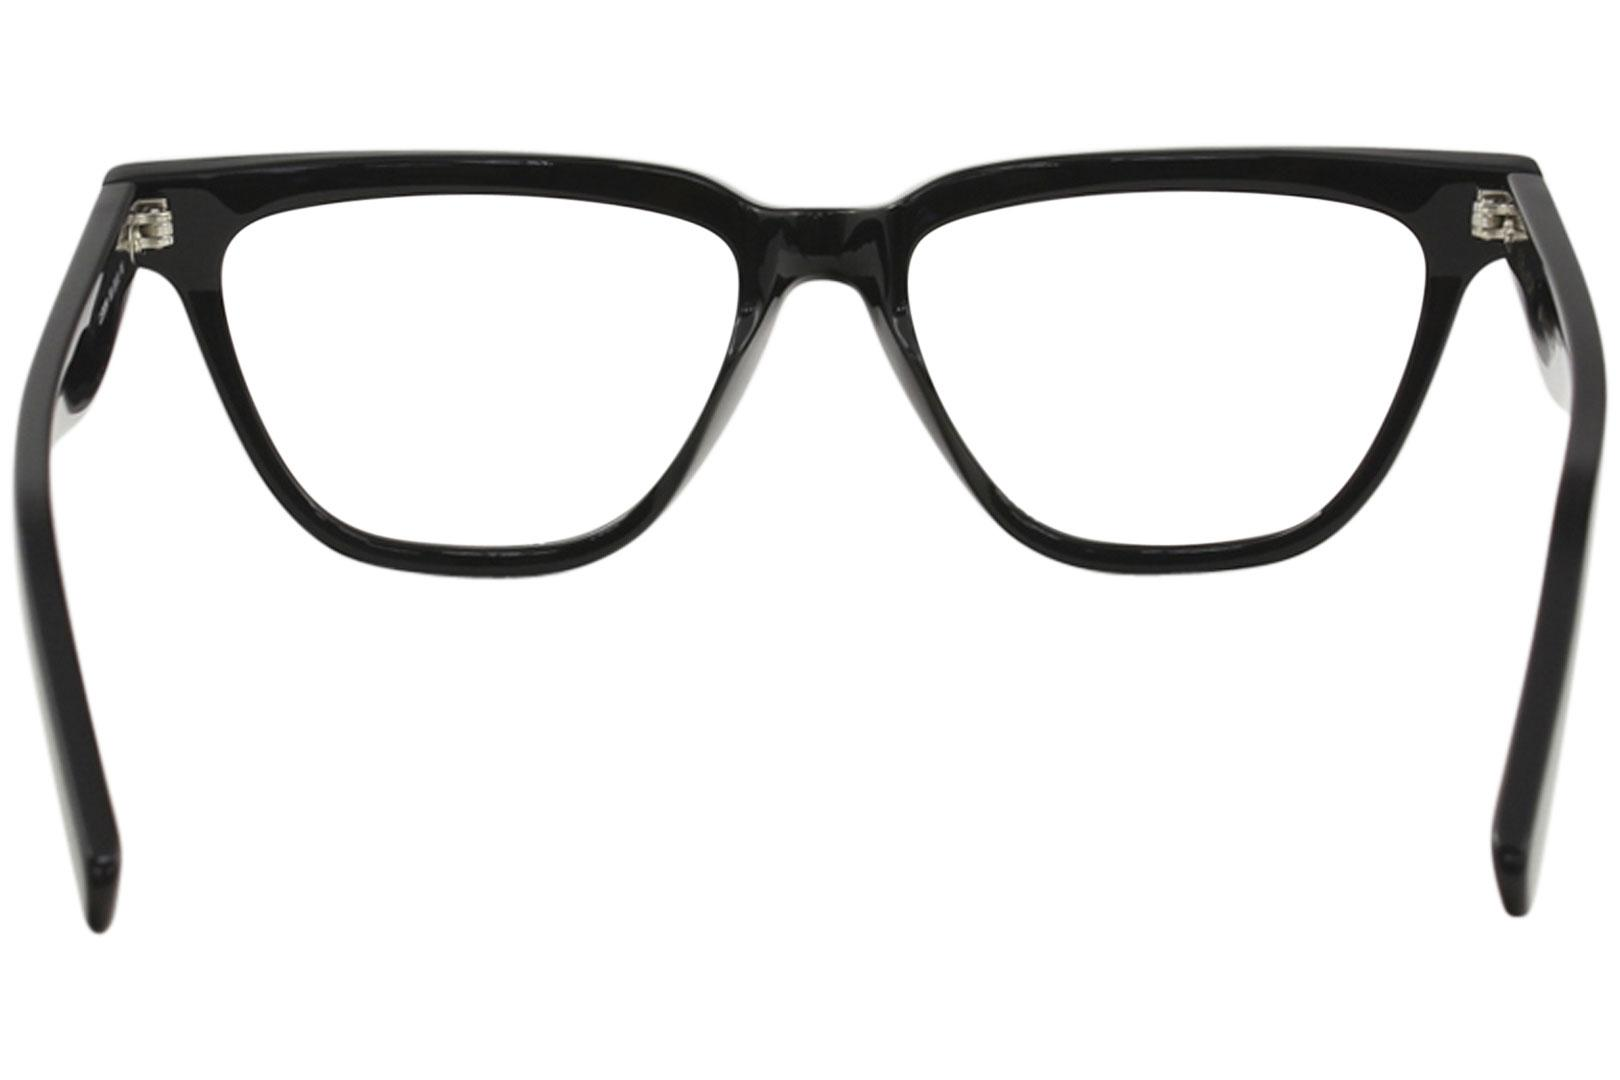 09b4383430d Celine Women s Eyeglasses CL50009I CL 50009 I Full Rim Optical Frame by  Celine